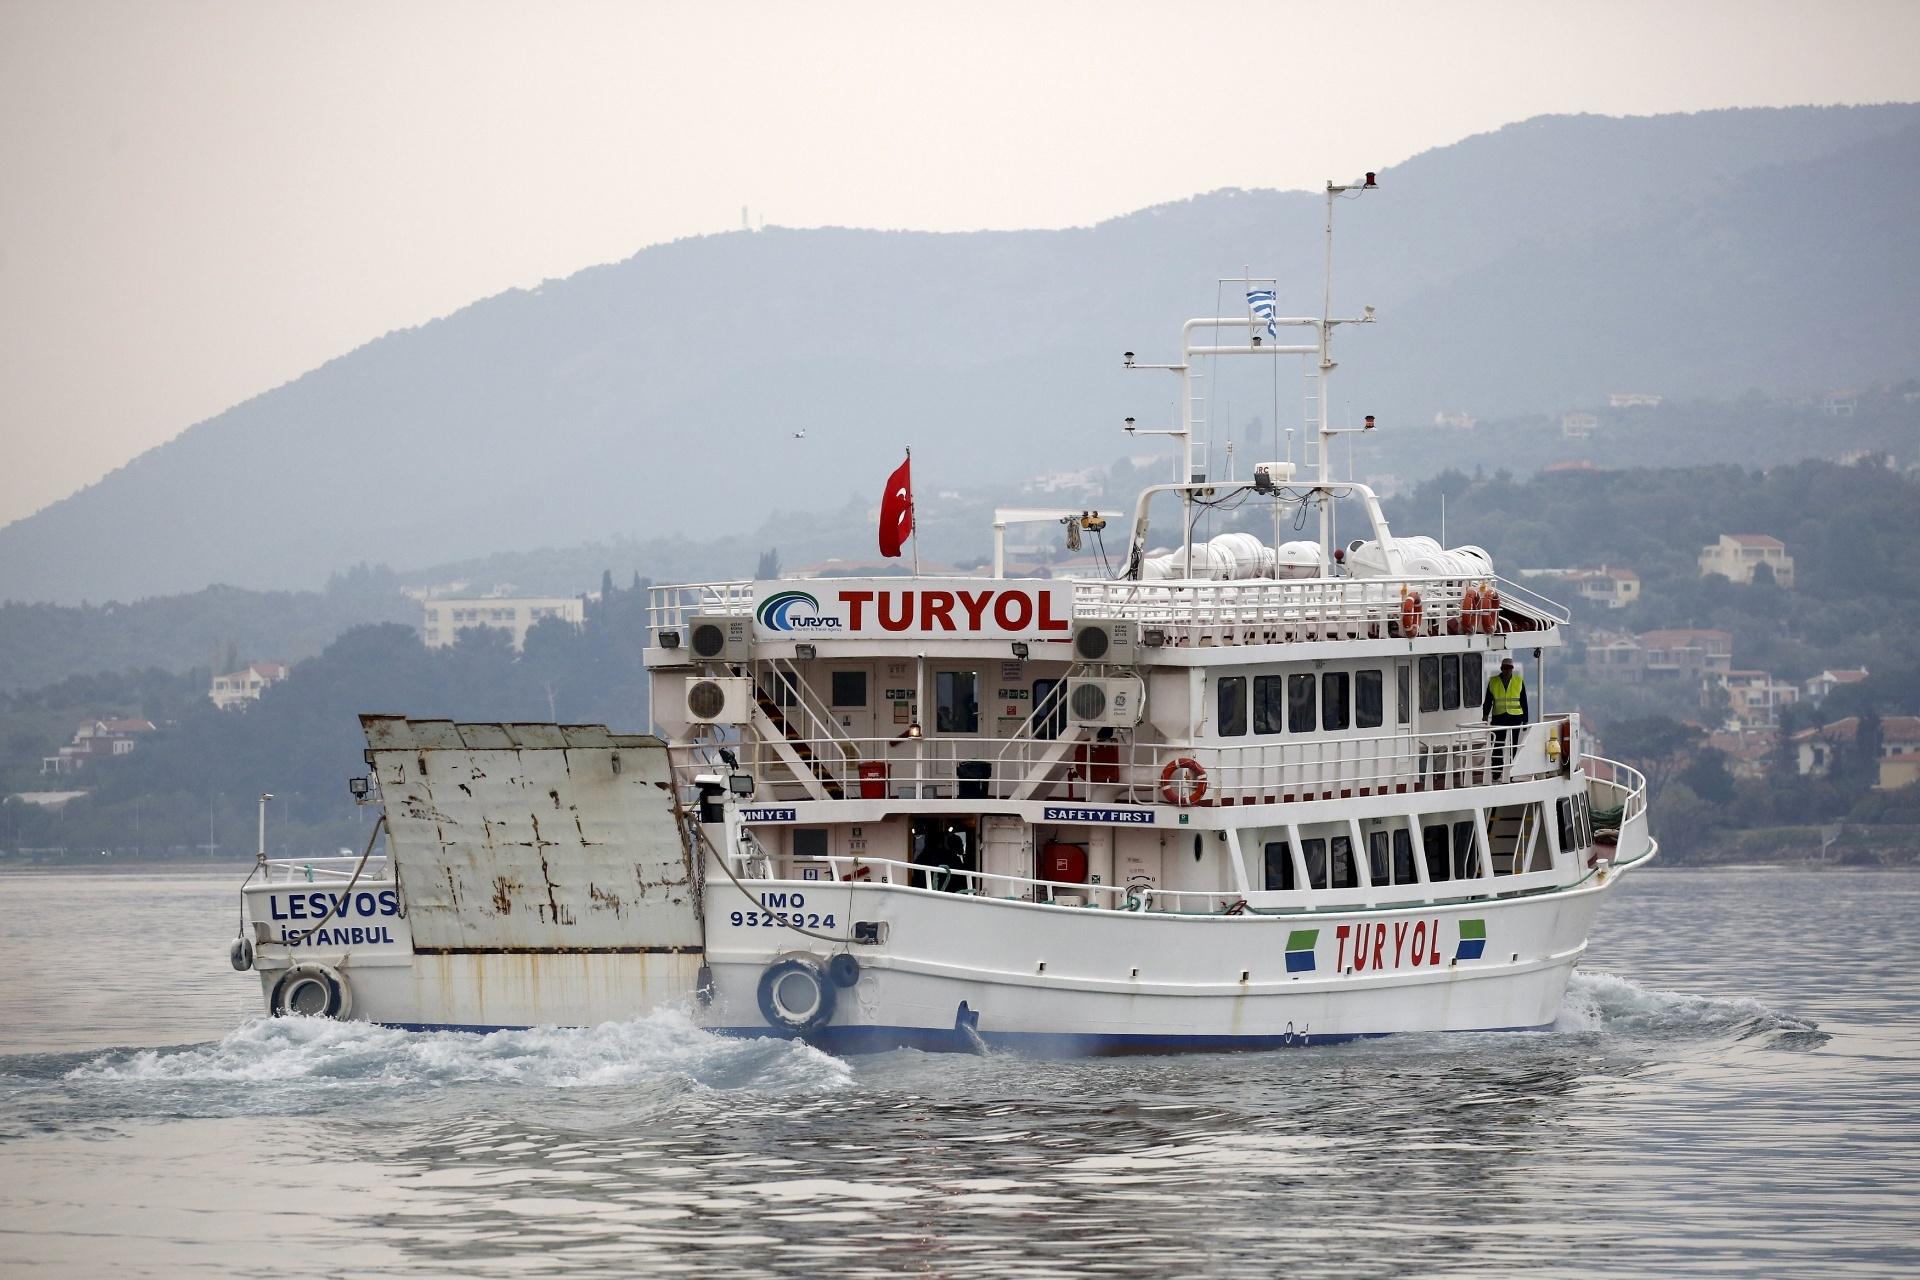 8.abr.2016 - Embarcação de bandeira turca transporta mais um grupo de migrantes e refugiados da Grécia para a Turquia. O governo de Atenas retomou a deportação, que que estava suspensa desde a última segunda-feira, e iniciou a devolução de um total de 140 pessoas desde o começo da manhã desta sexta-feira (8)